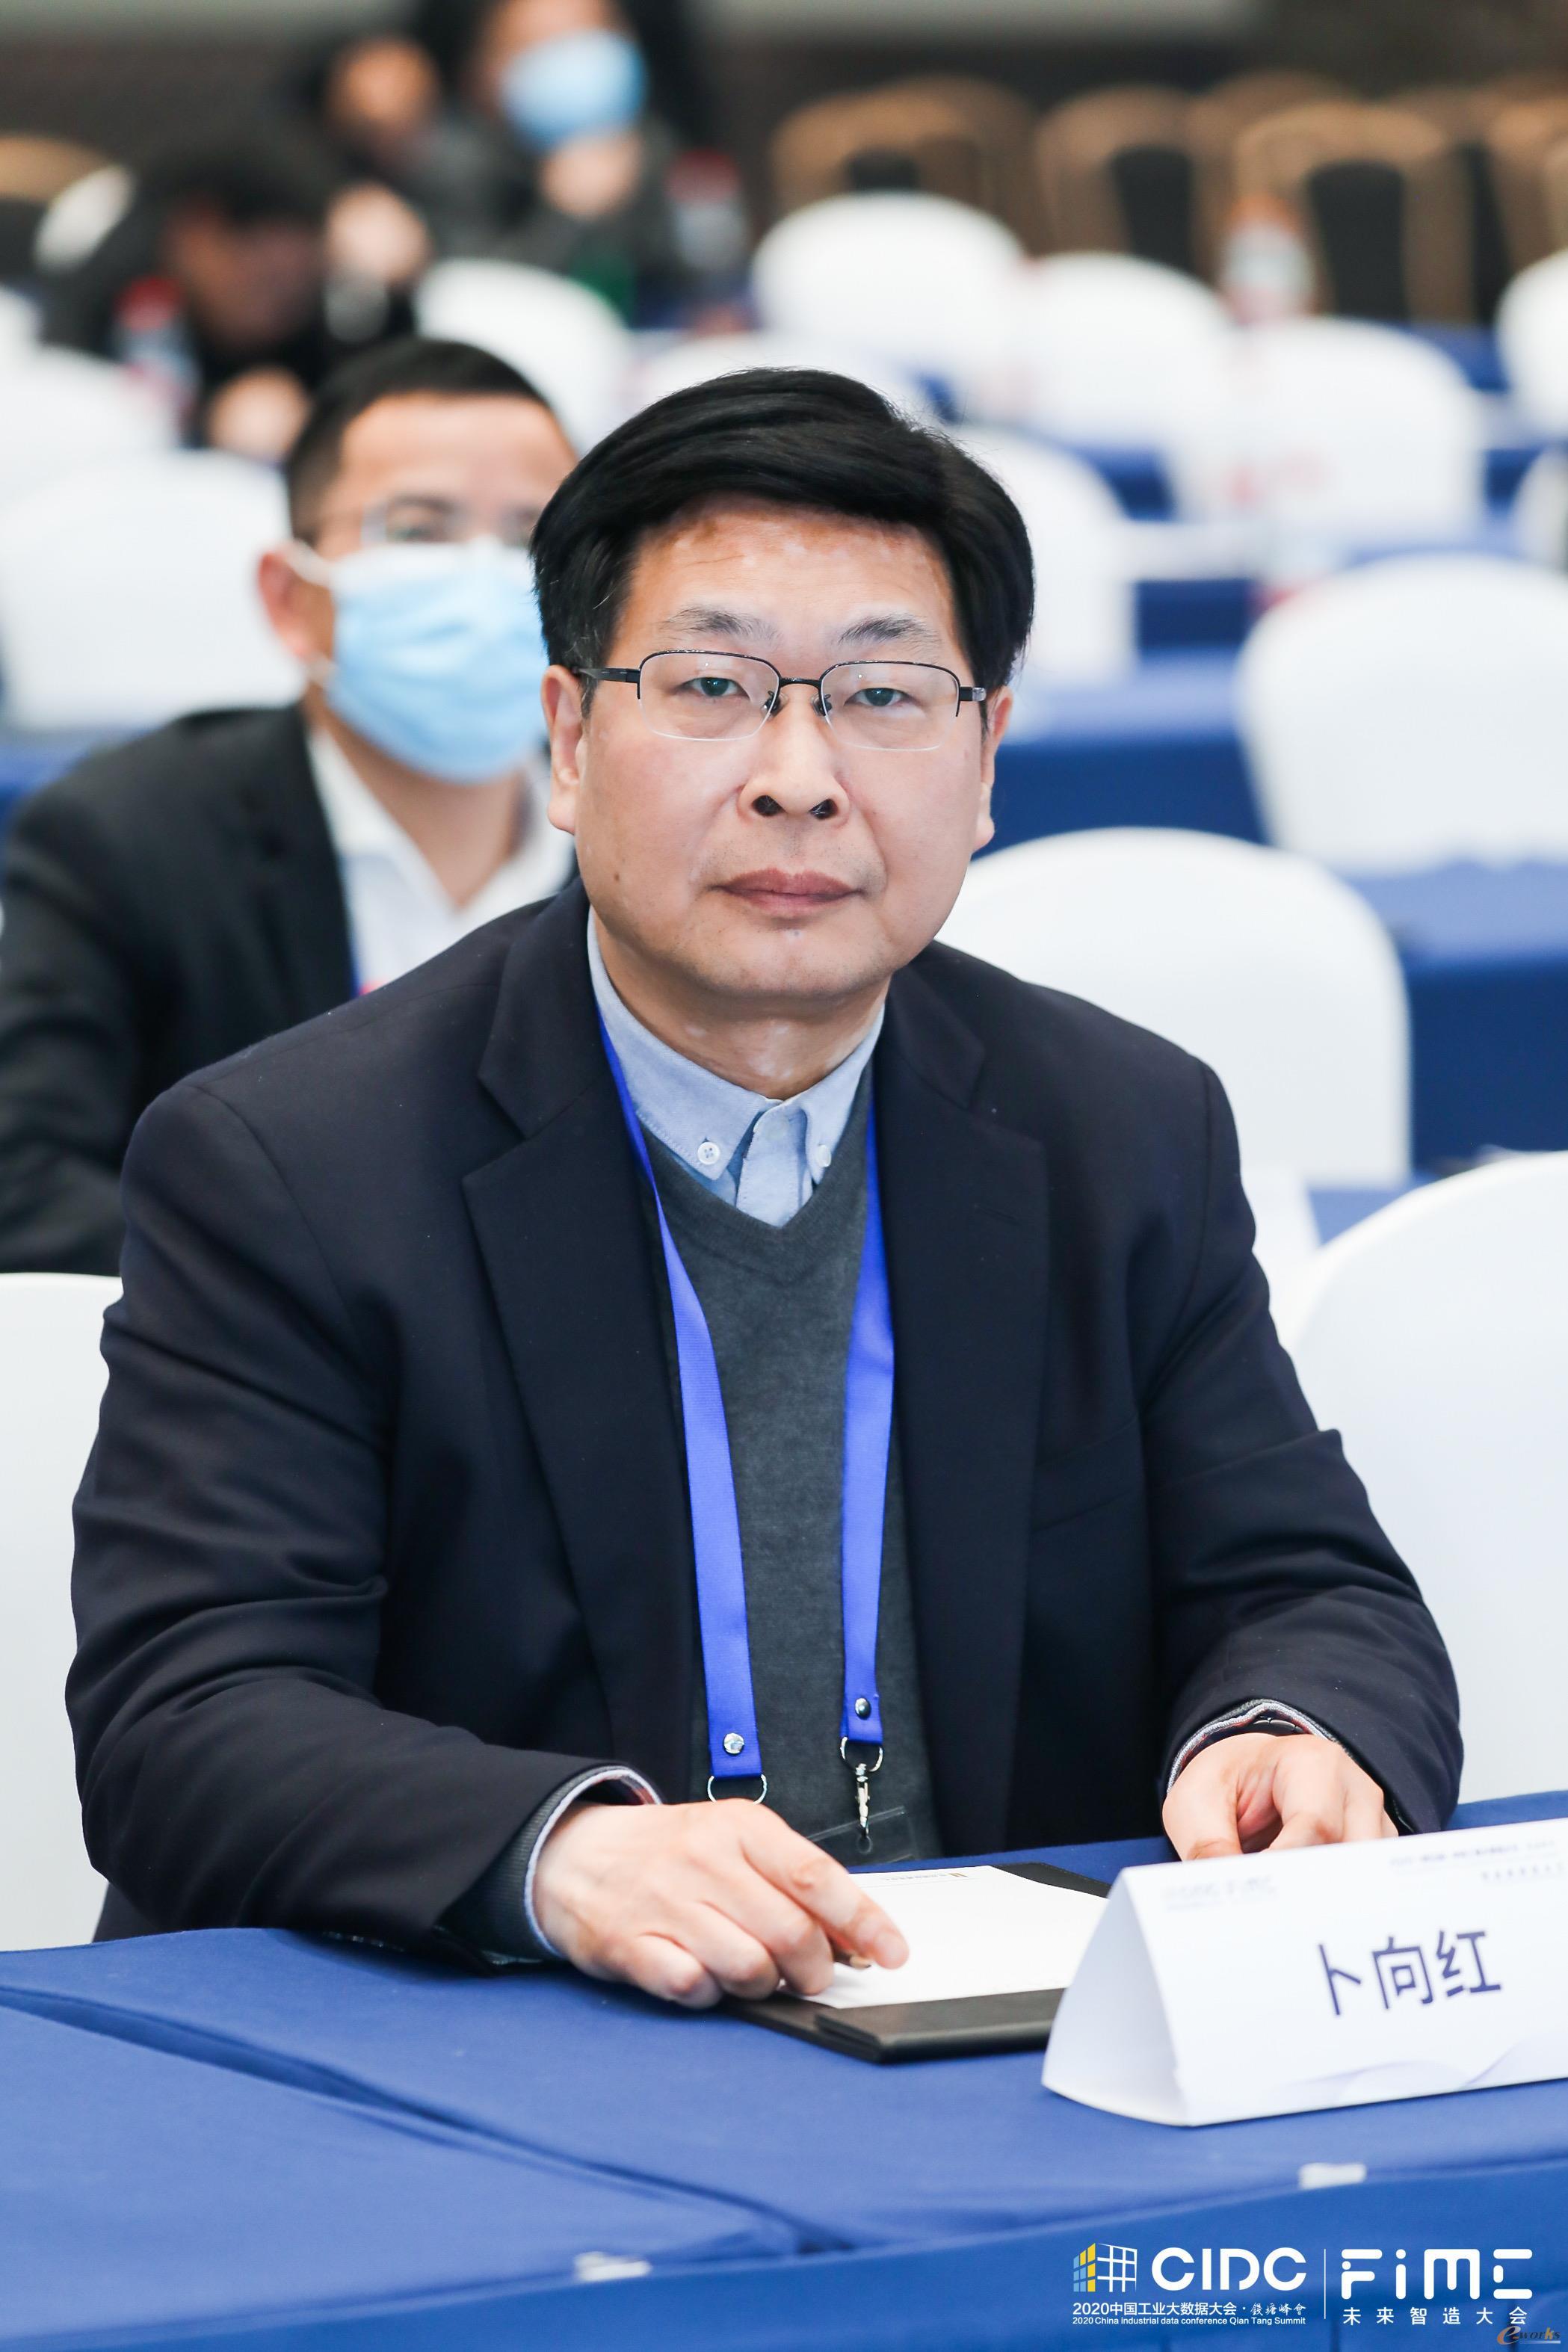 杭州优海信息系统有限公司董事长兼总经理卜向红